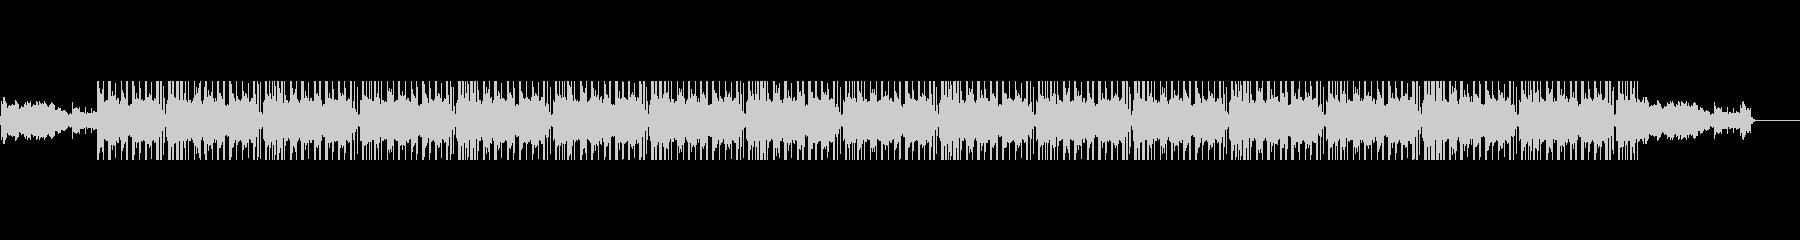 チルでLO-FIなHIPHOPの未再生の波形